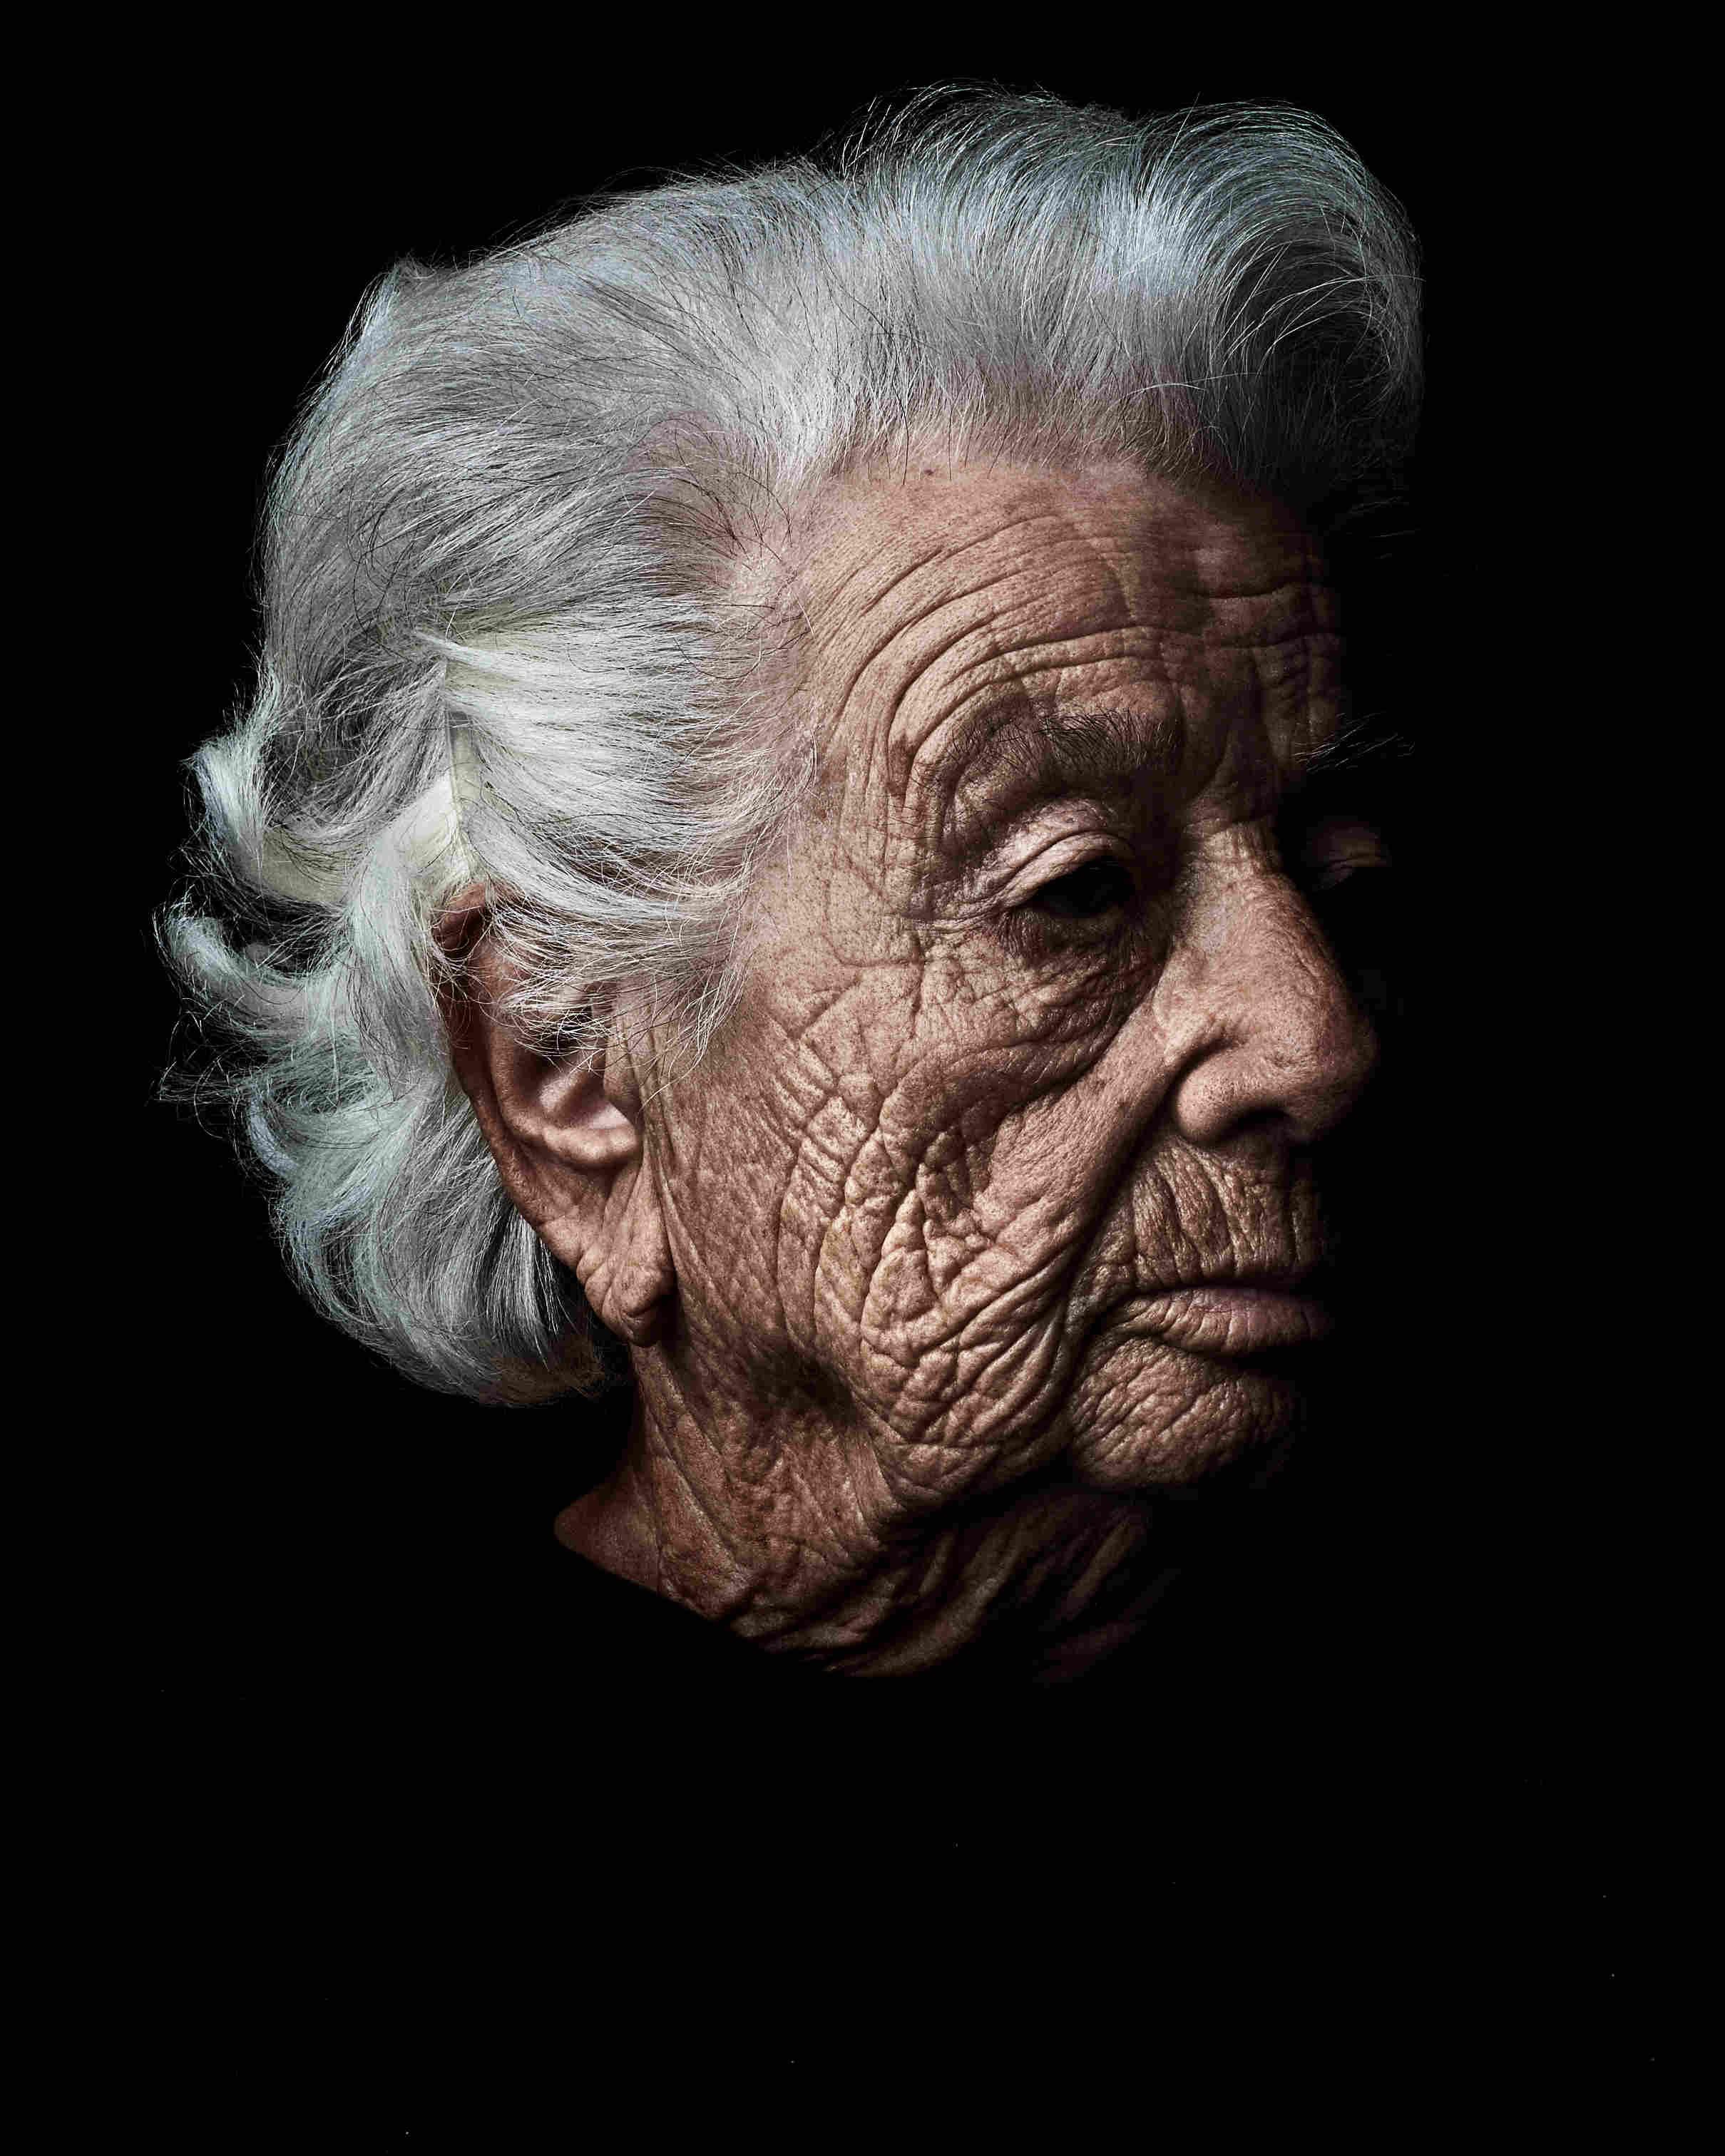 Photo de Ester Senot, série Les Survivants par Rudy Waks Jewpop